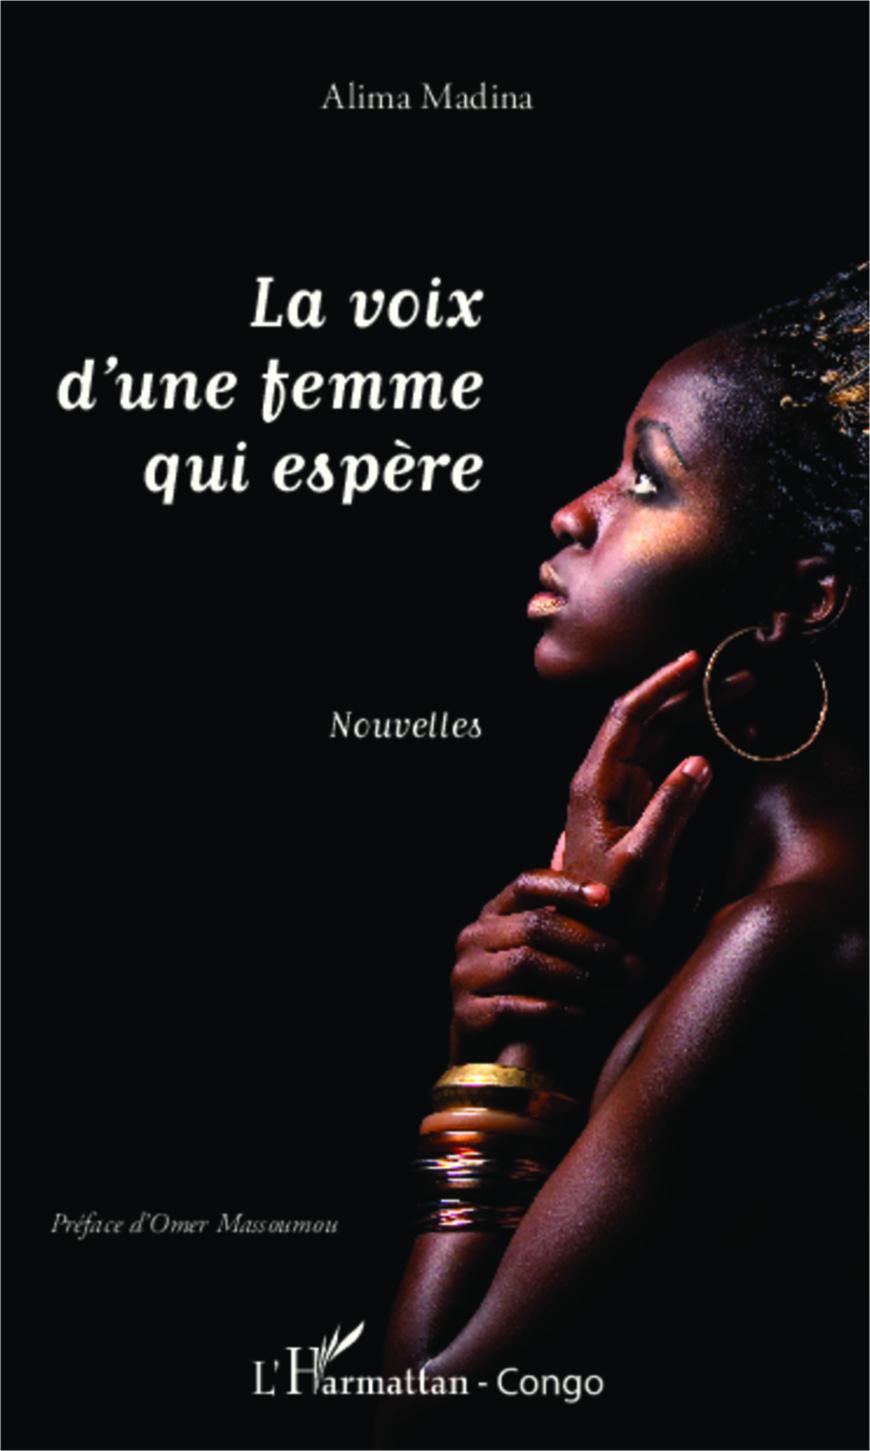 Livre: «LA VOIX D'UNE FEMME QUI ESPÈRE» d'Alima Madina retrace le parcours difficile des femmes vers la quête du véritable bonheur